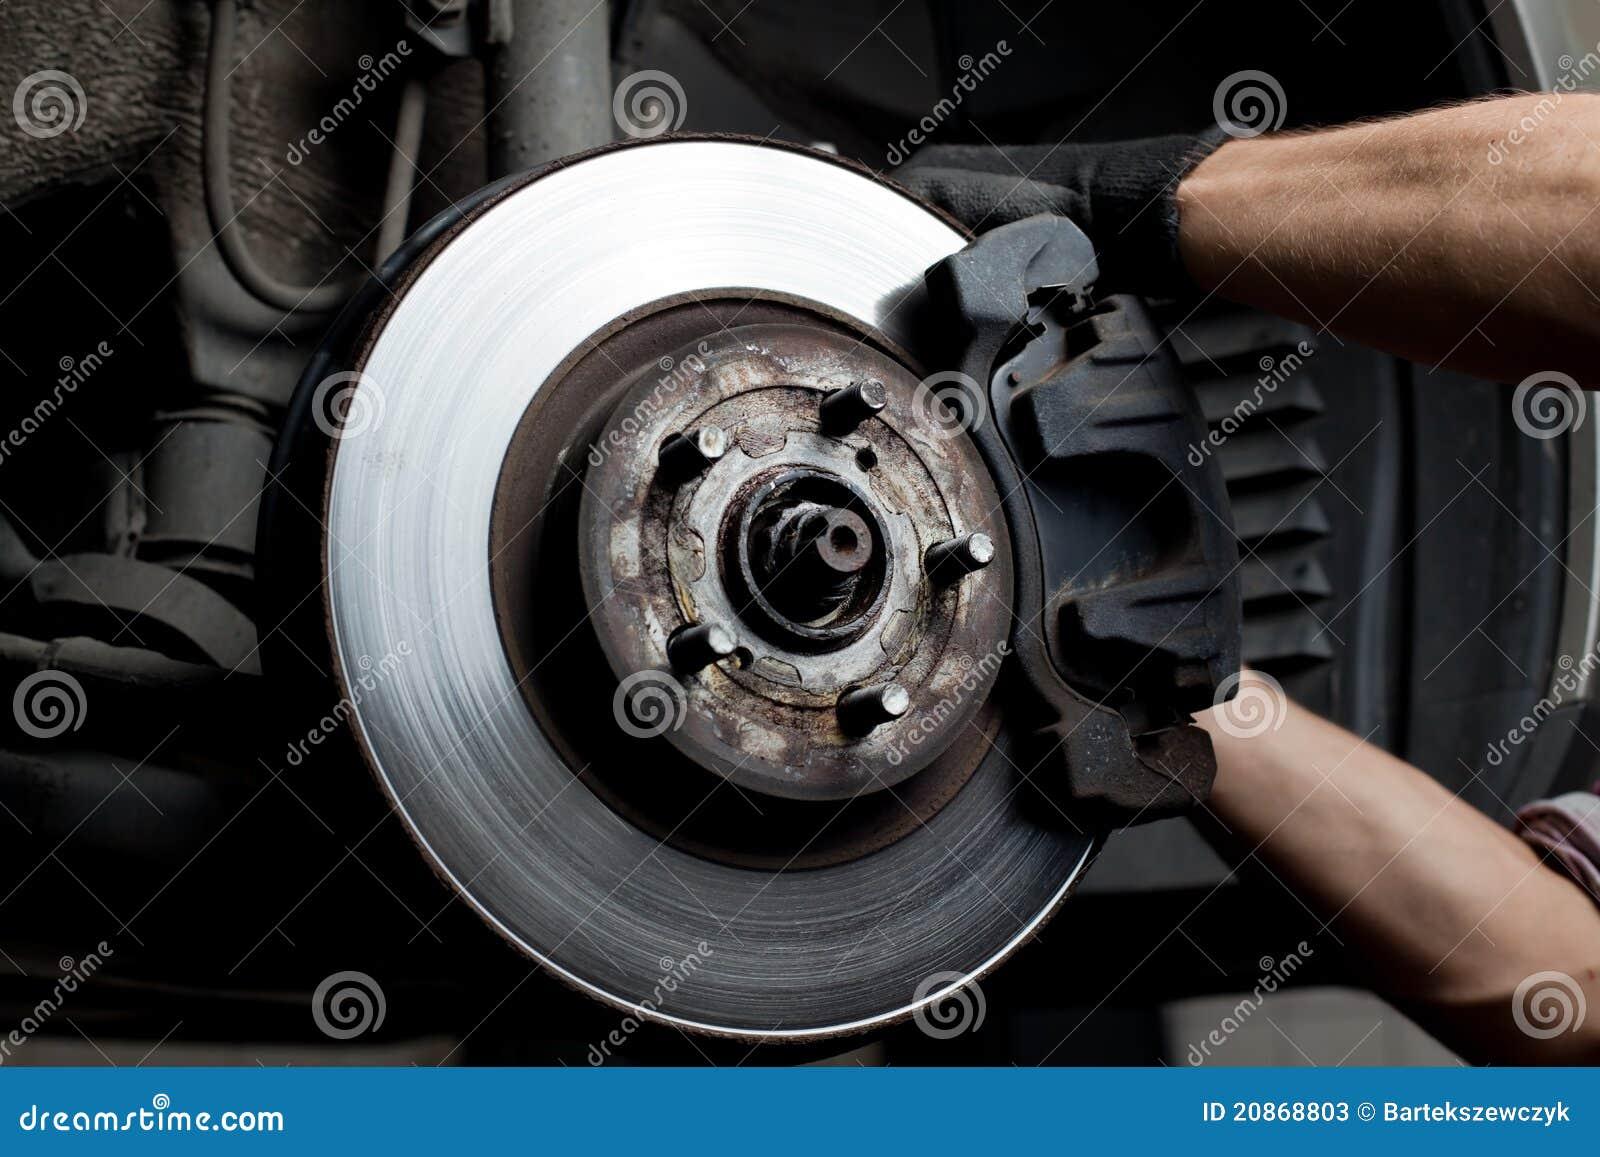 Hamulcowa samochodowego mechanika ochraniaczów naprawa